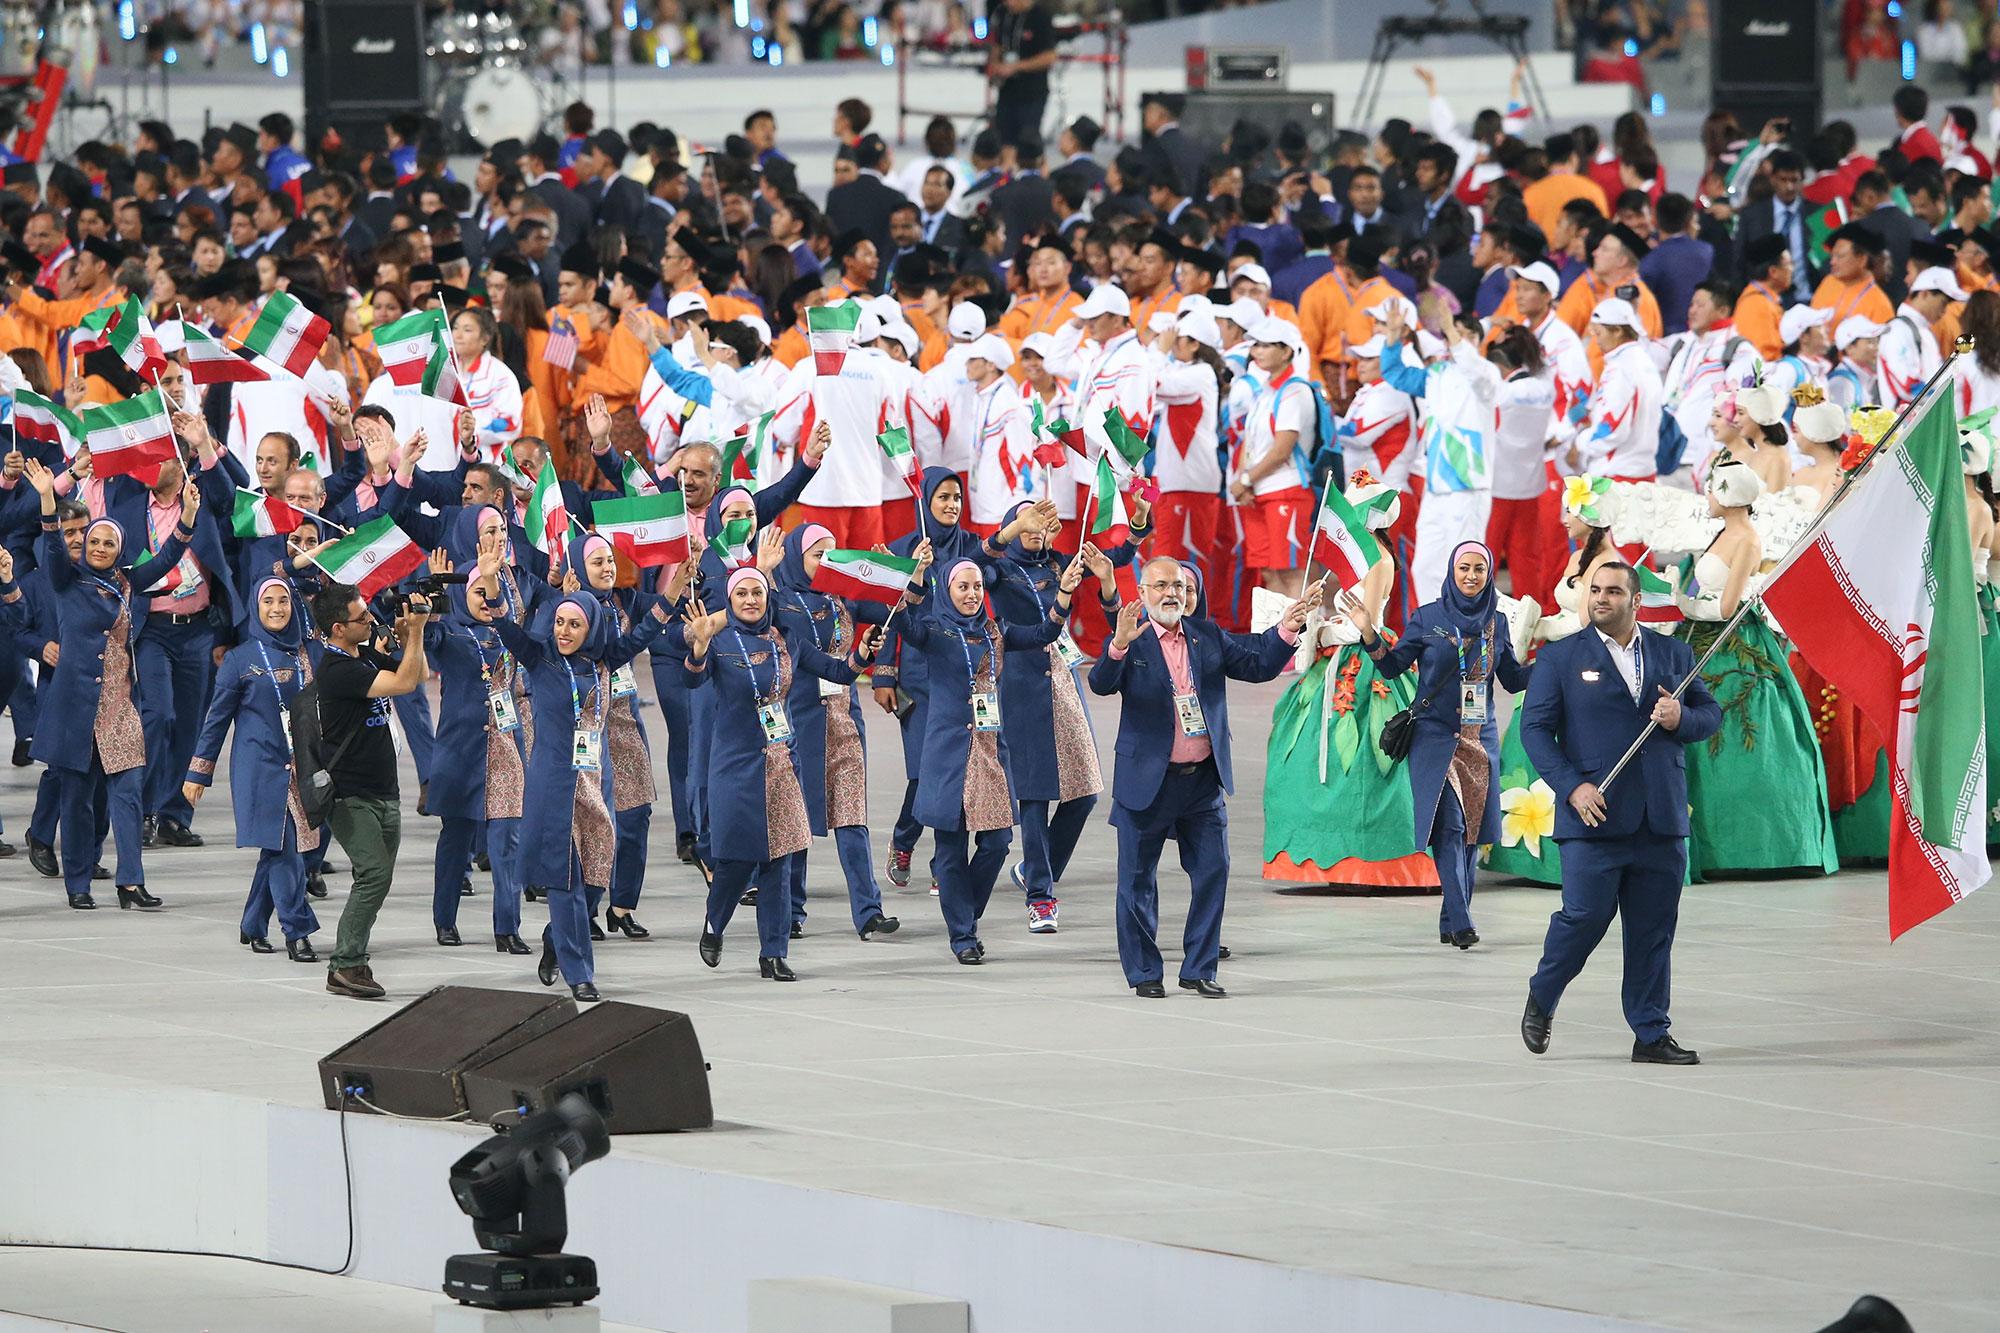 هر آنچه باید در مورد کاروان ایران در المپیک بدانید